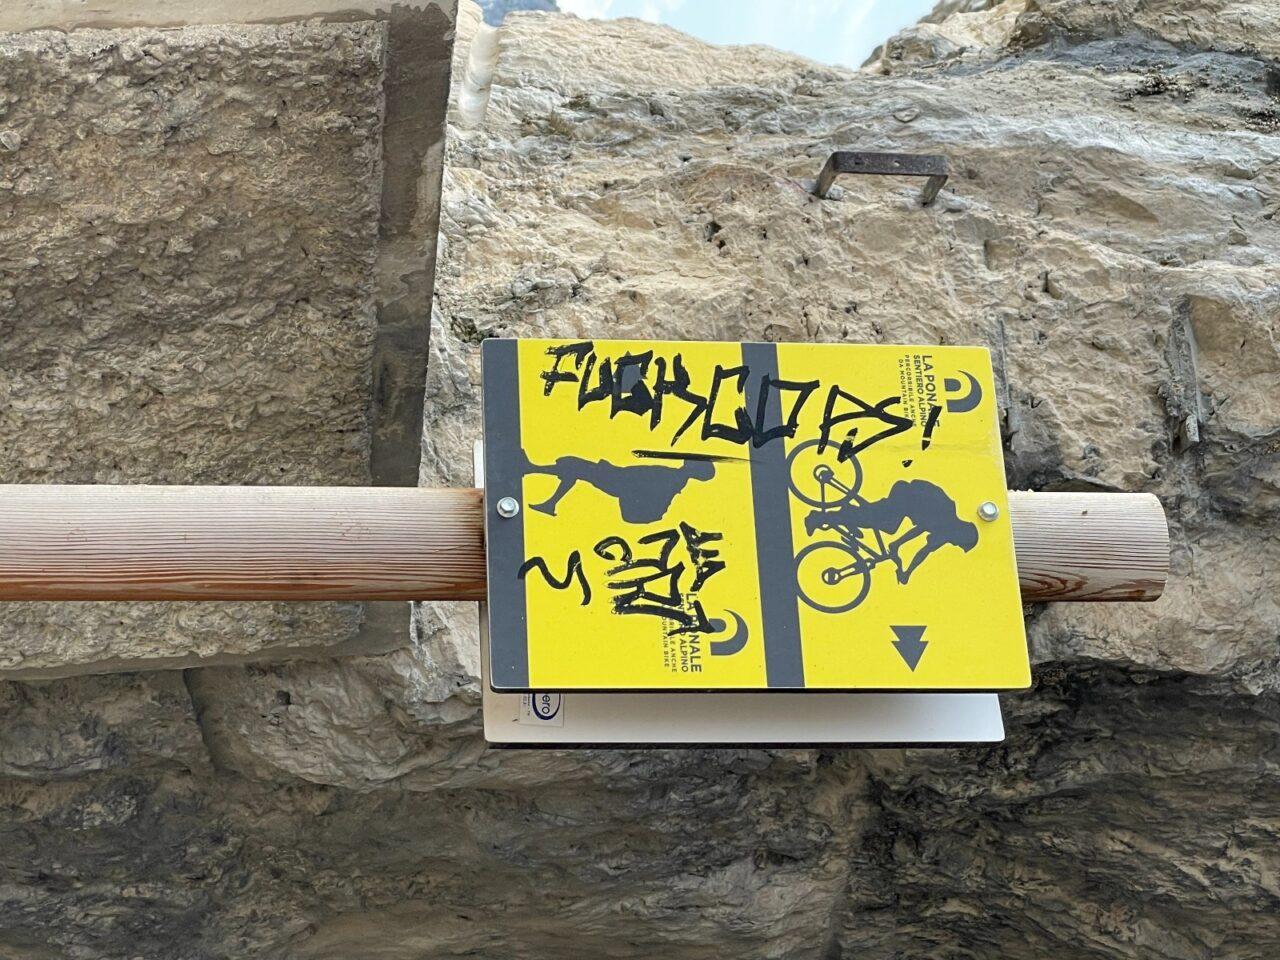 sctitte vandali ponale fraglia WA0009